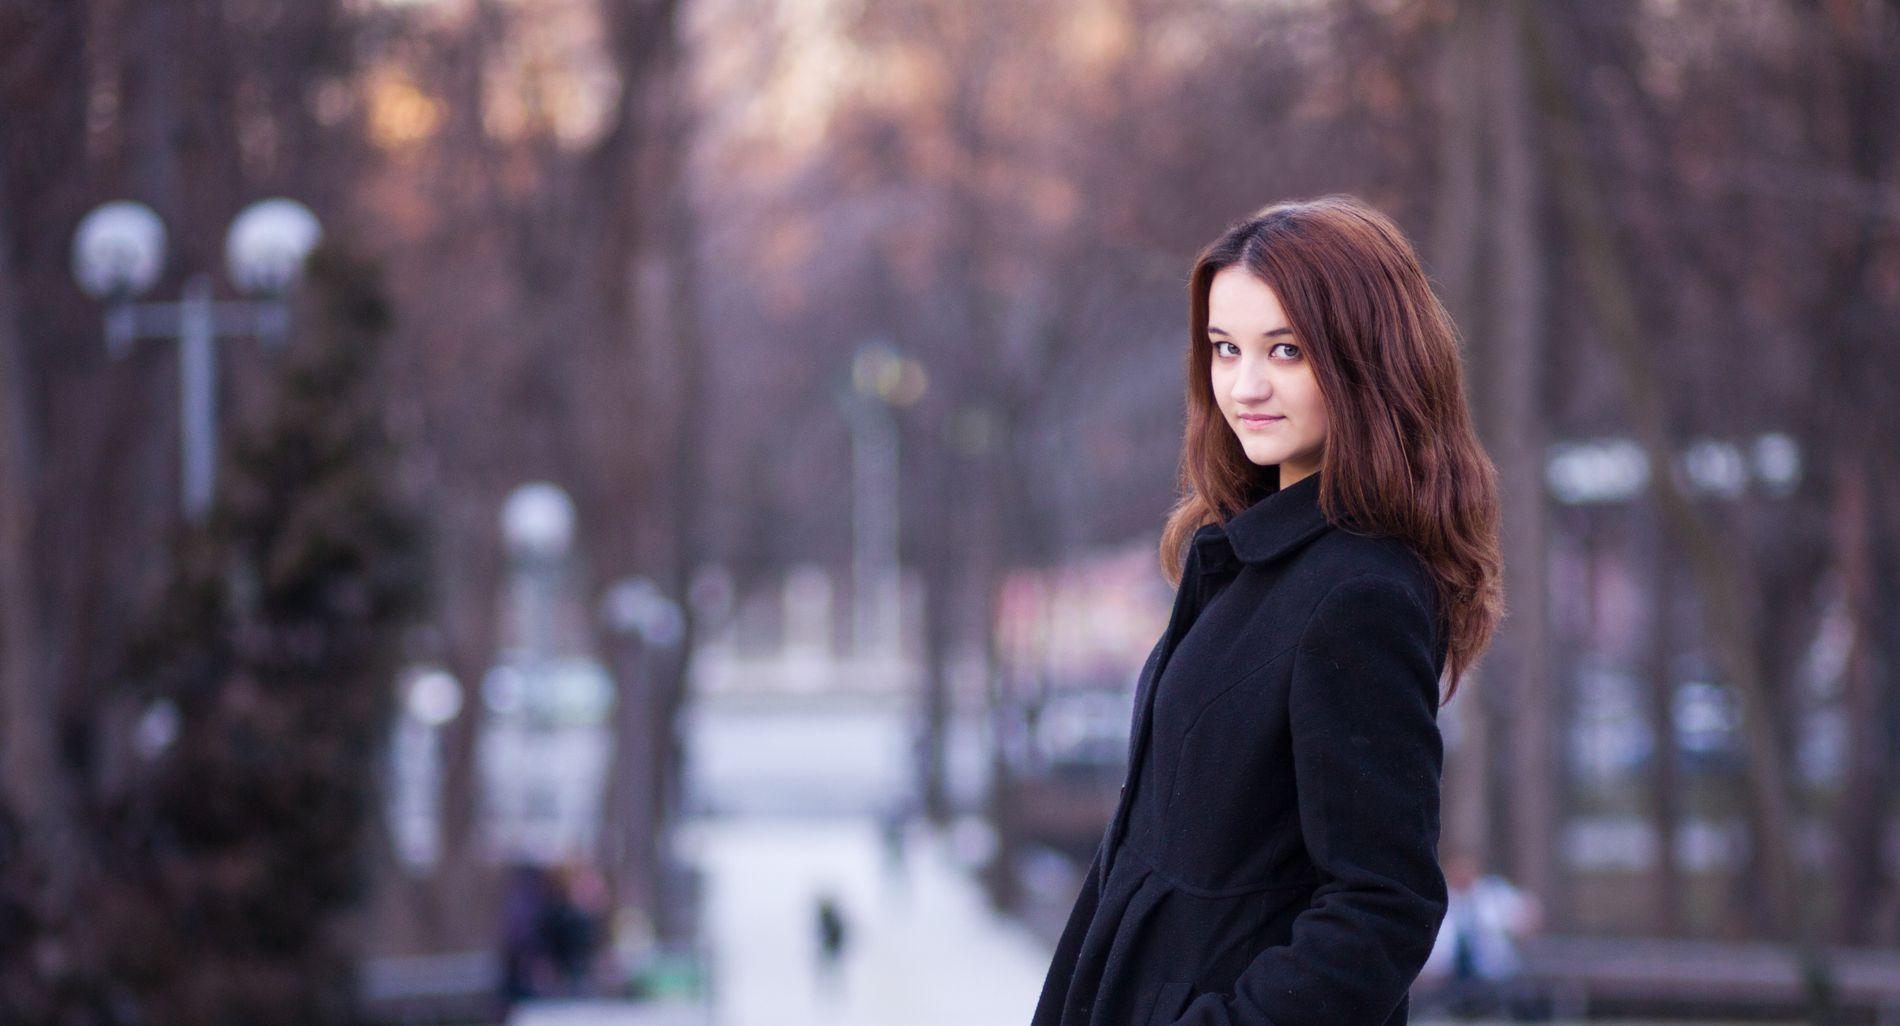 вызвала идеи для фотосессии на улице ранней весной сушилки, мотивам белевской